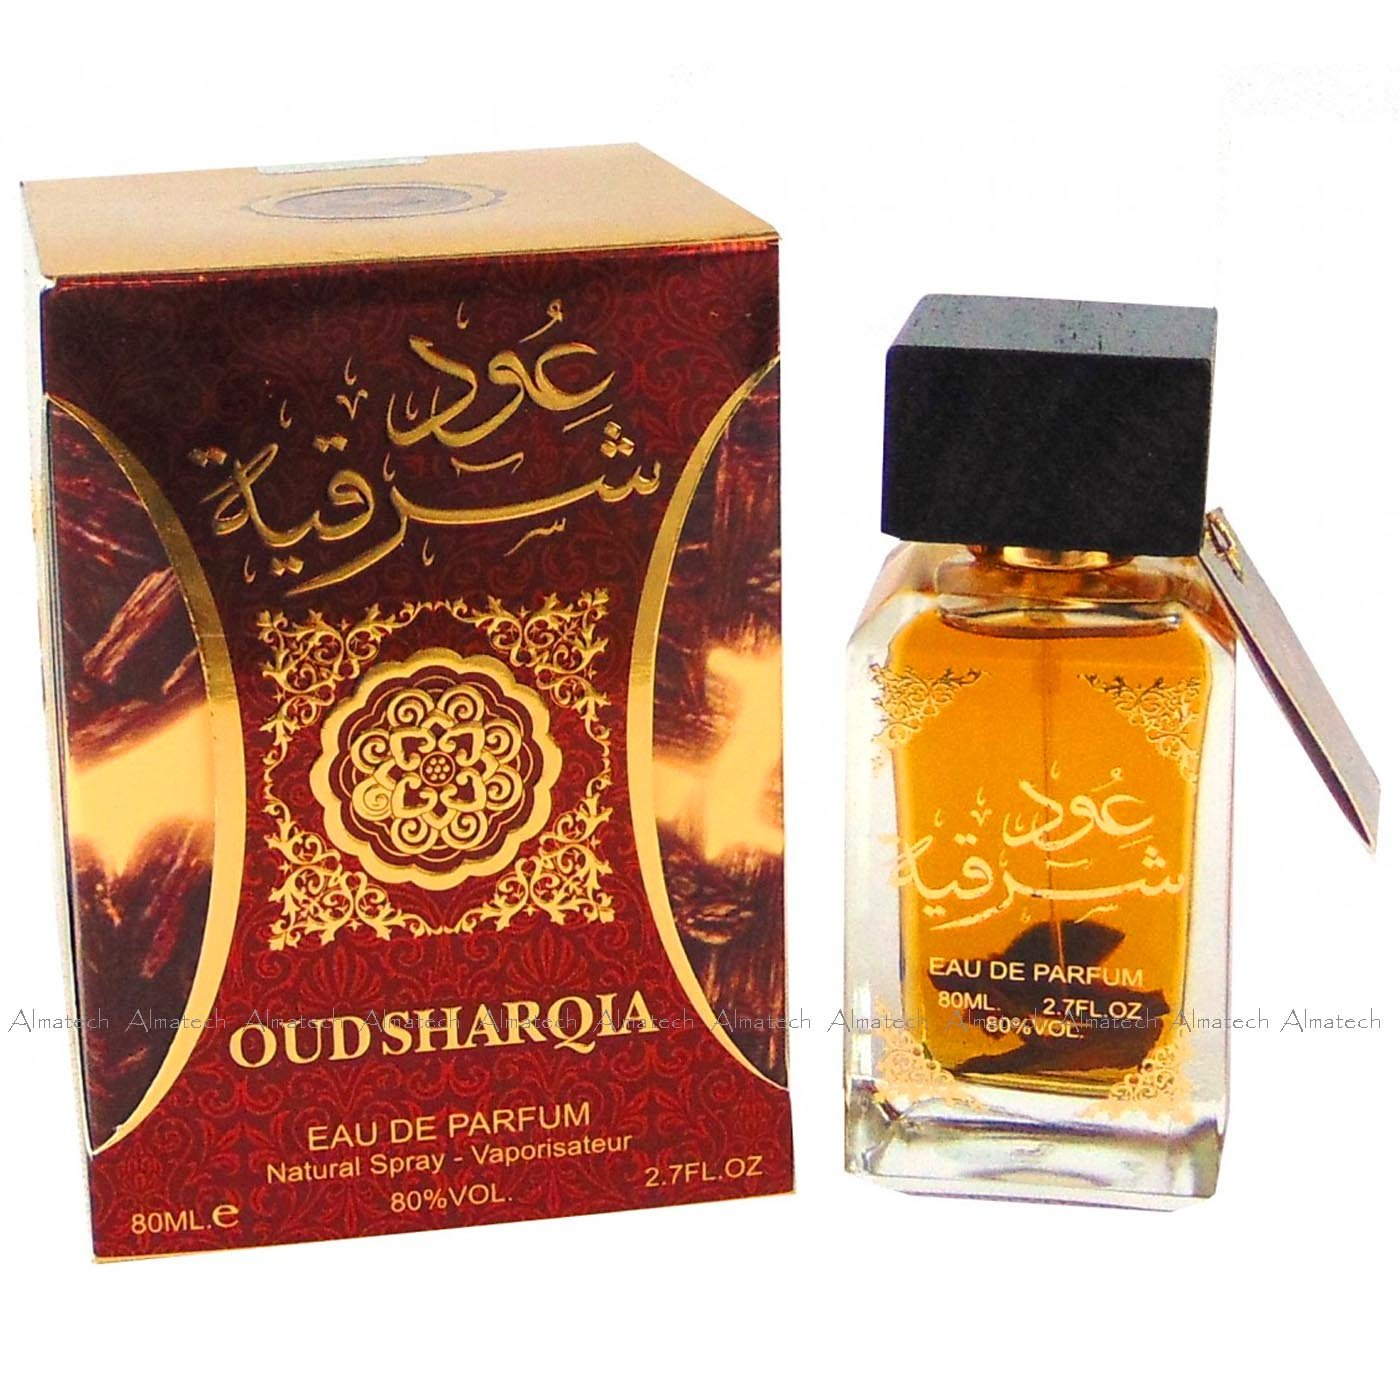 Al Zafraan OUDH Sharqia 80ml Eau Da Parfum Attar Arabian Perfume From UAE made in U.A.E